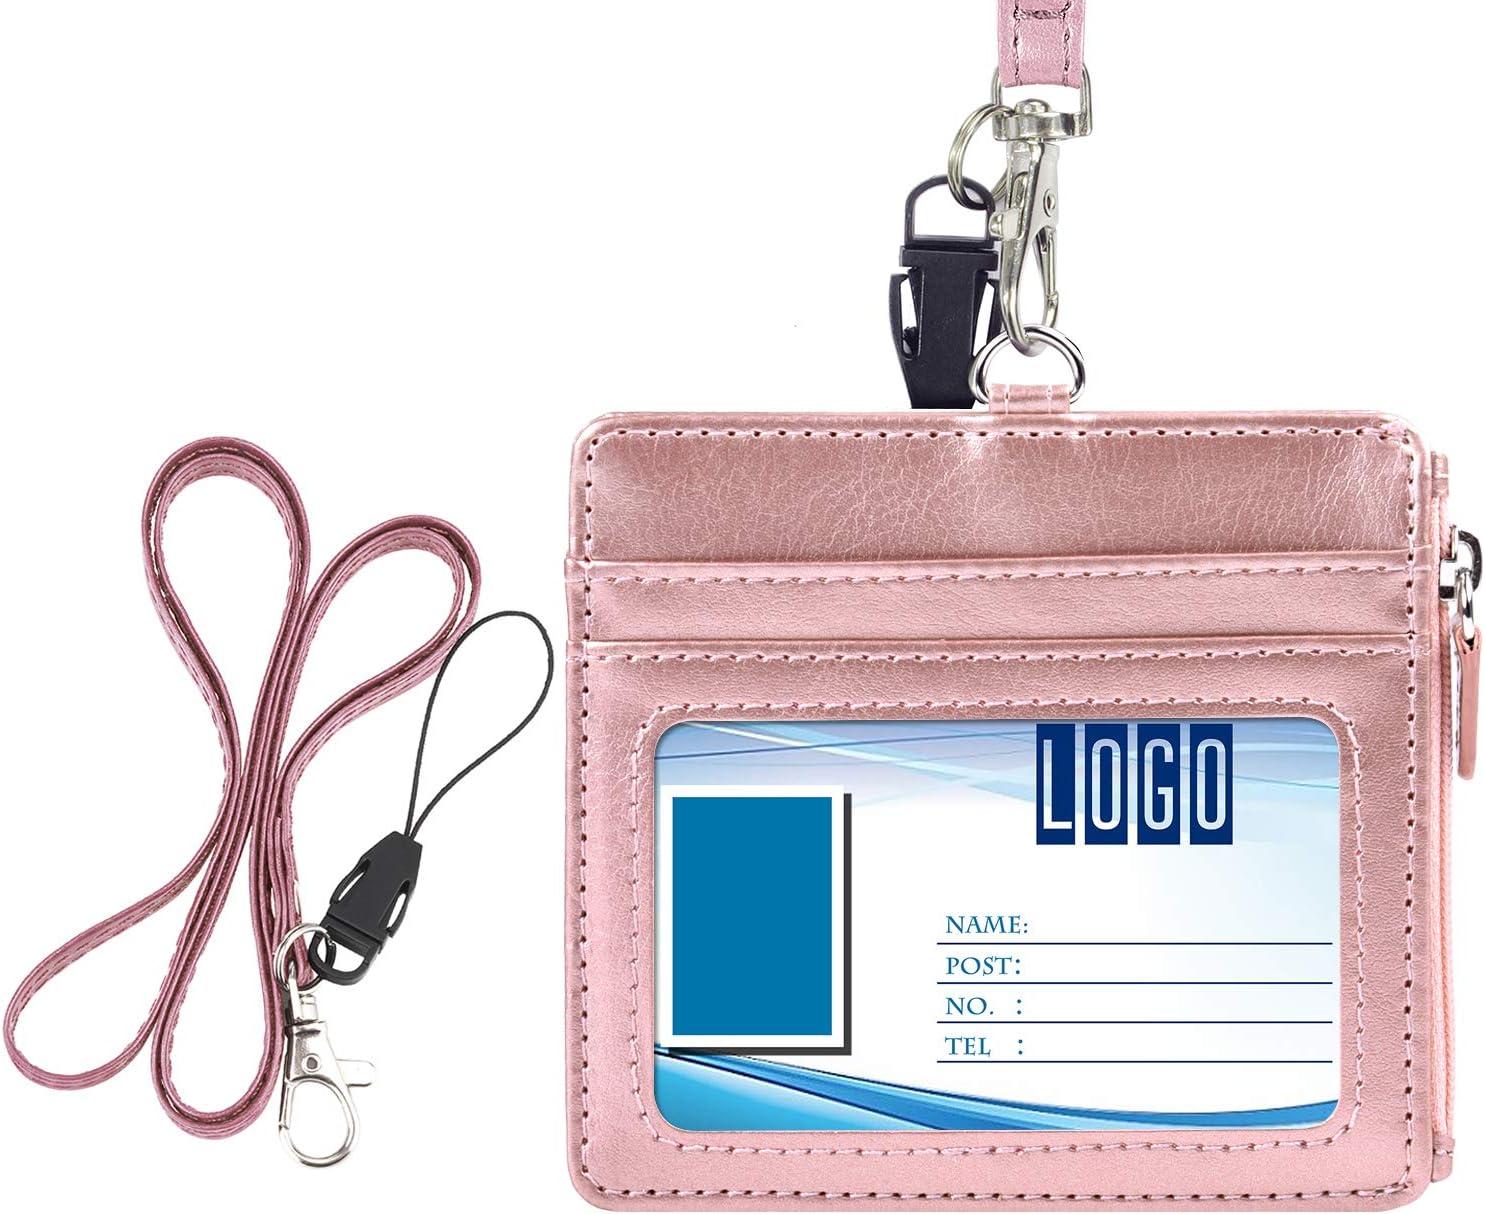 1 poche zipp/ée sur le c/ôt/é et 1 lani/ère tour de cou de 48 cm violet 4 fentes pour cartes Wisdompro/® Porte-badge horizontal en similicuir avec 1 fen/être pour carte d/'identit/é